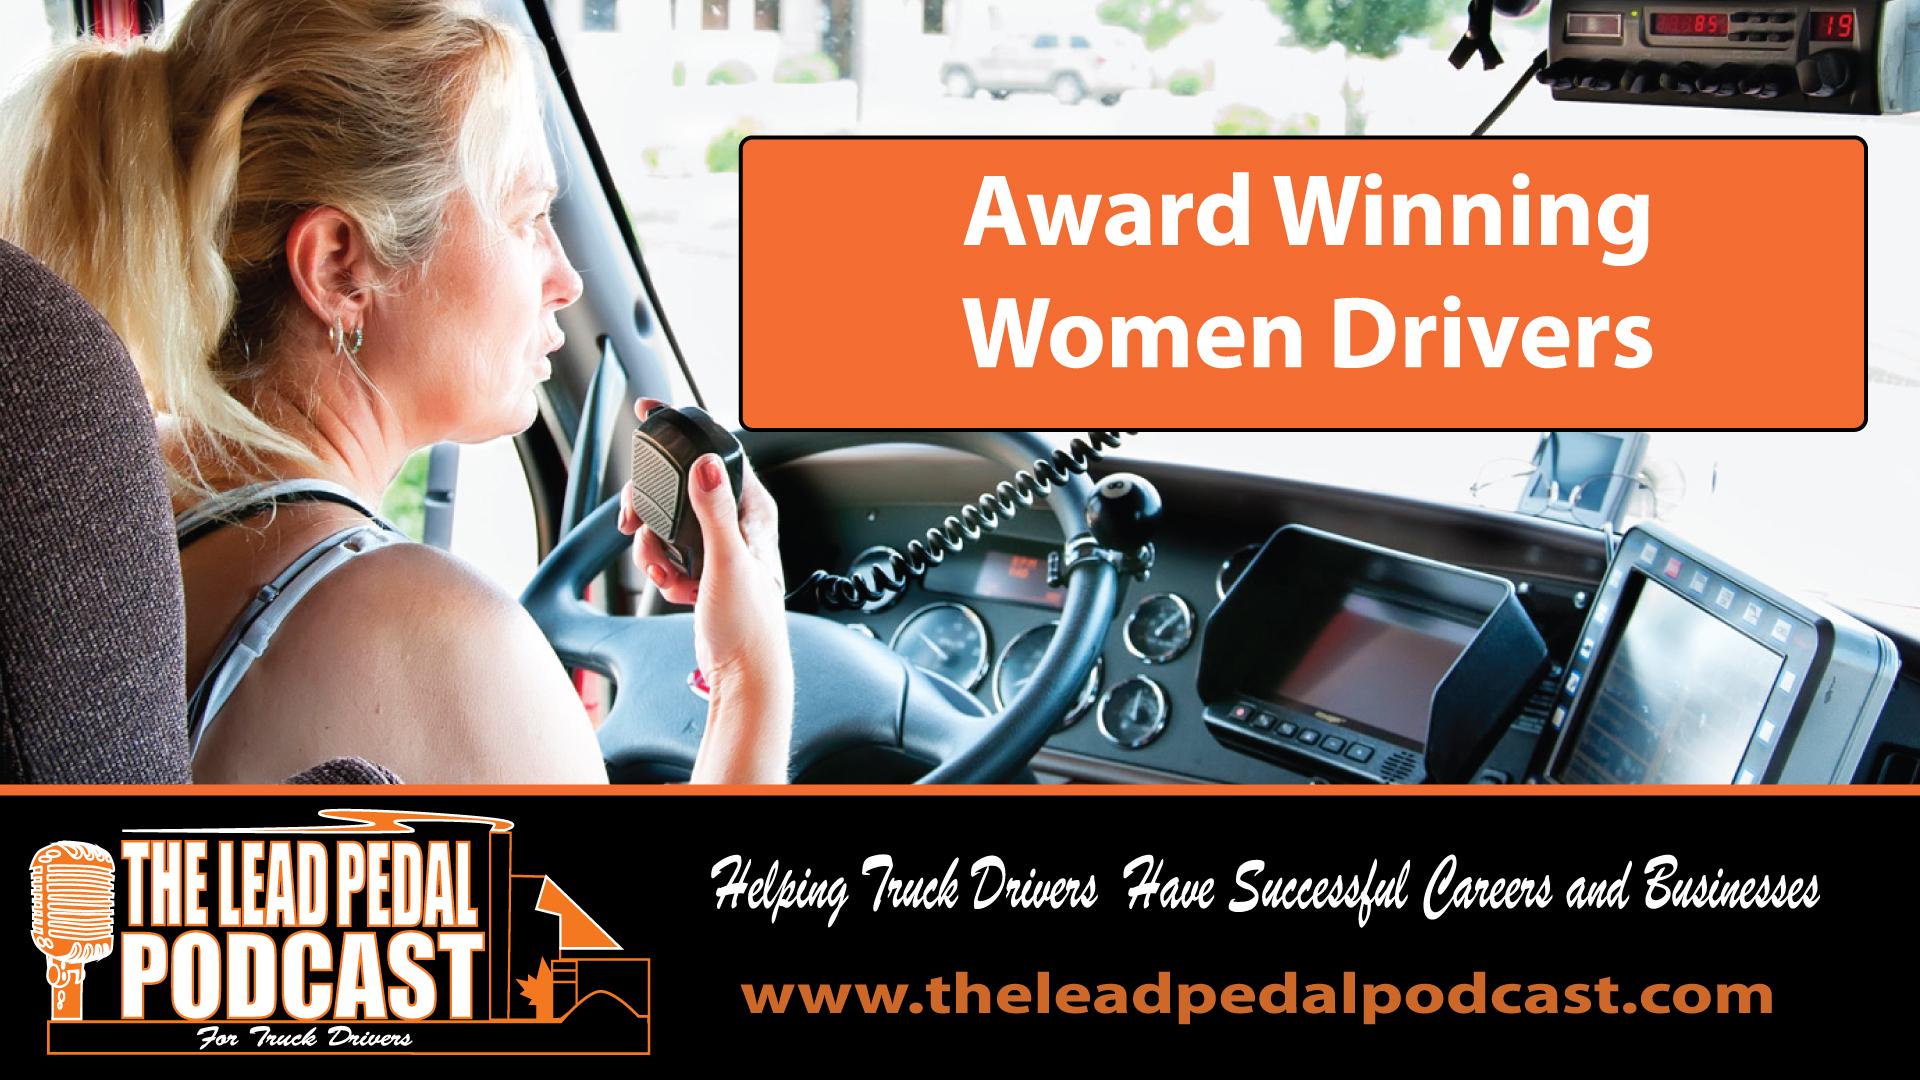 LP634 Award Winning Women Drivers 2021